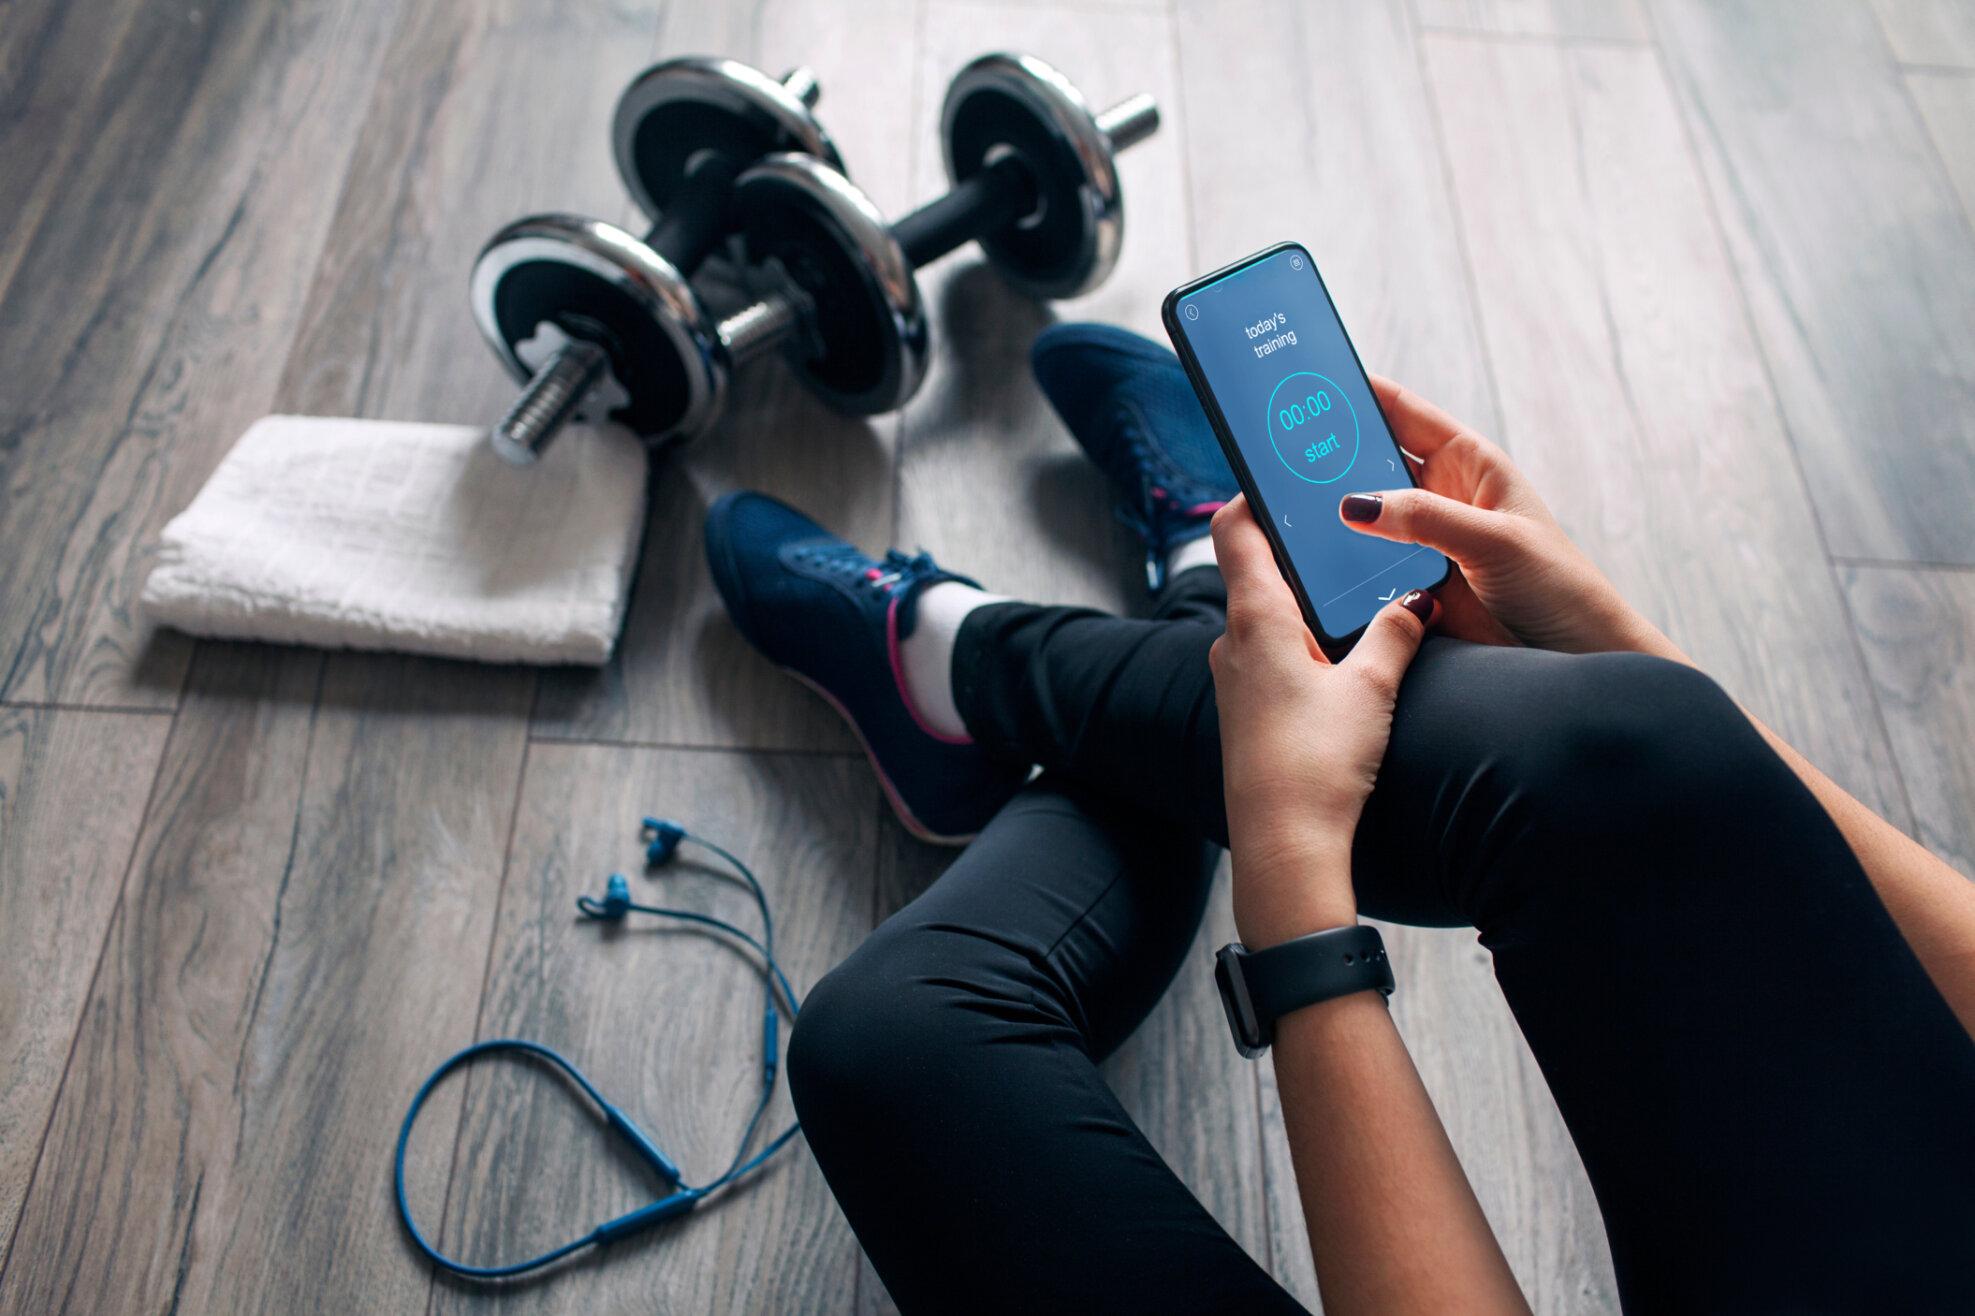 Vertikal-Helse-fysioterapeut-anbefaling-treningsapp